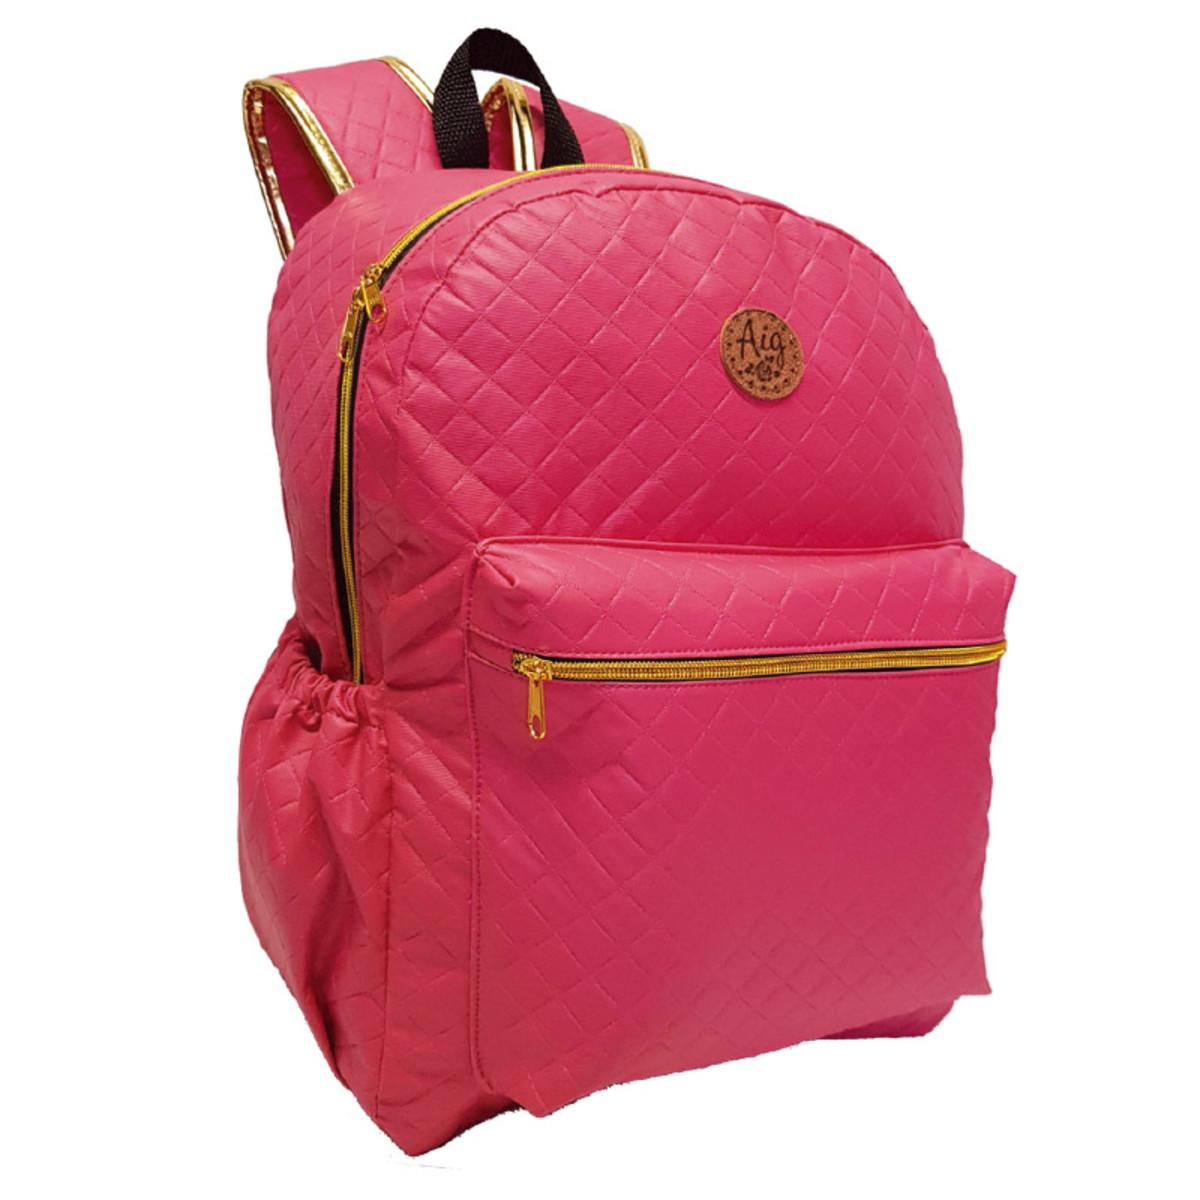 9b005ce57 Bolsa Mochila Pink Feminina Alça Escolar Bolsão Matelasse no Elo7 ...